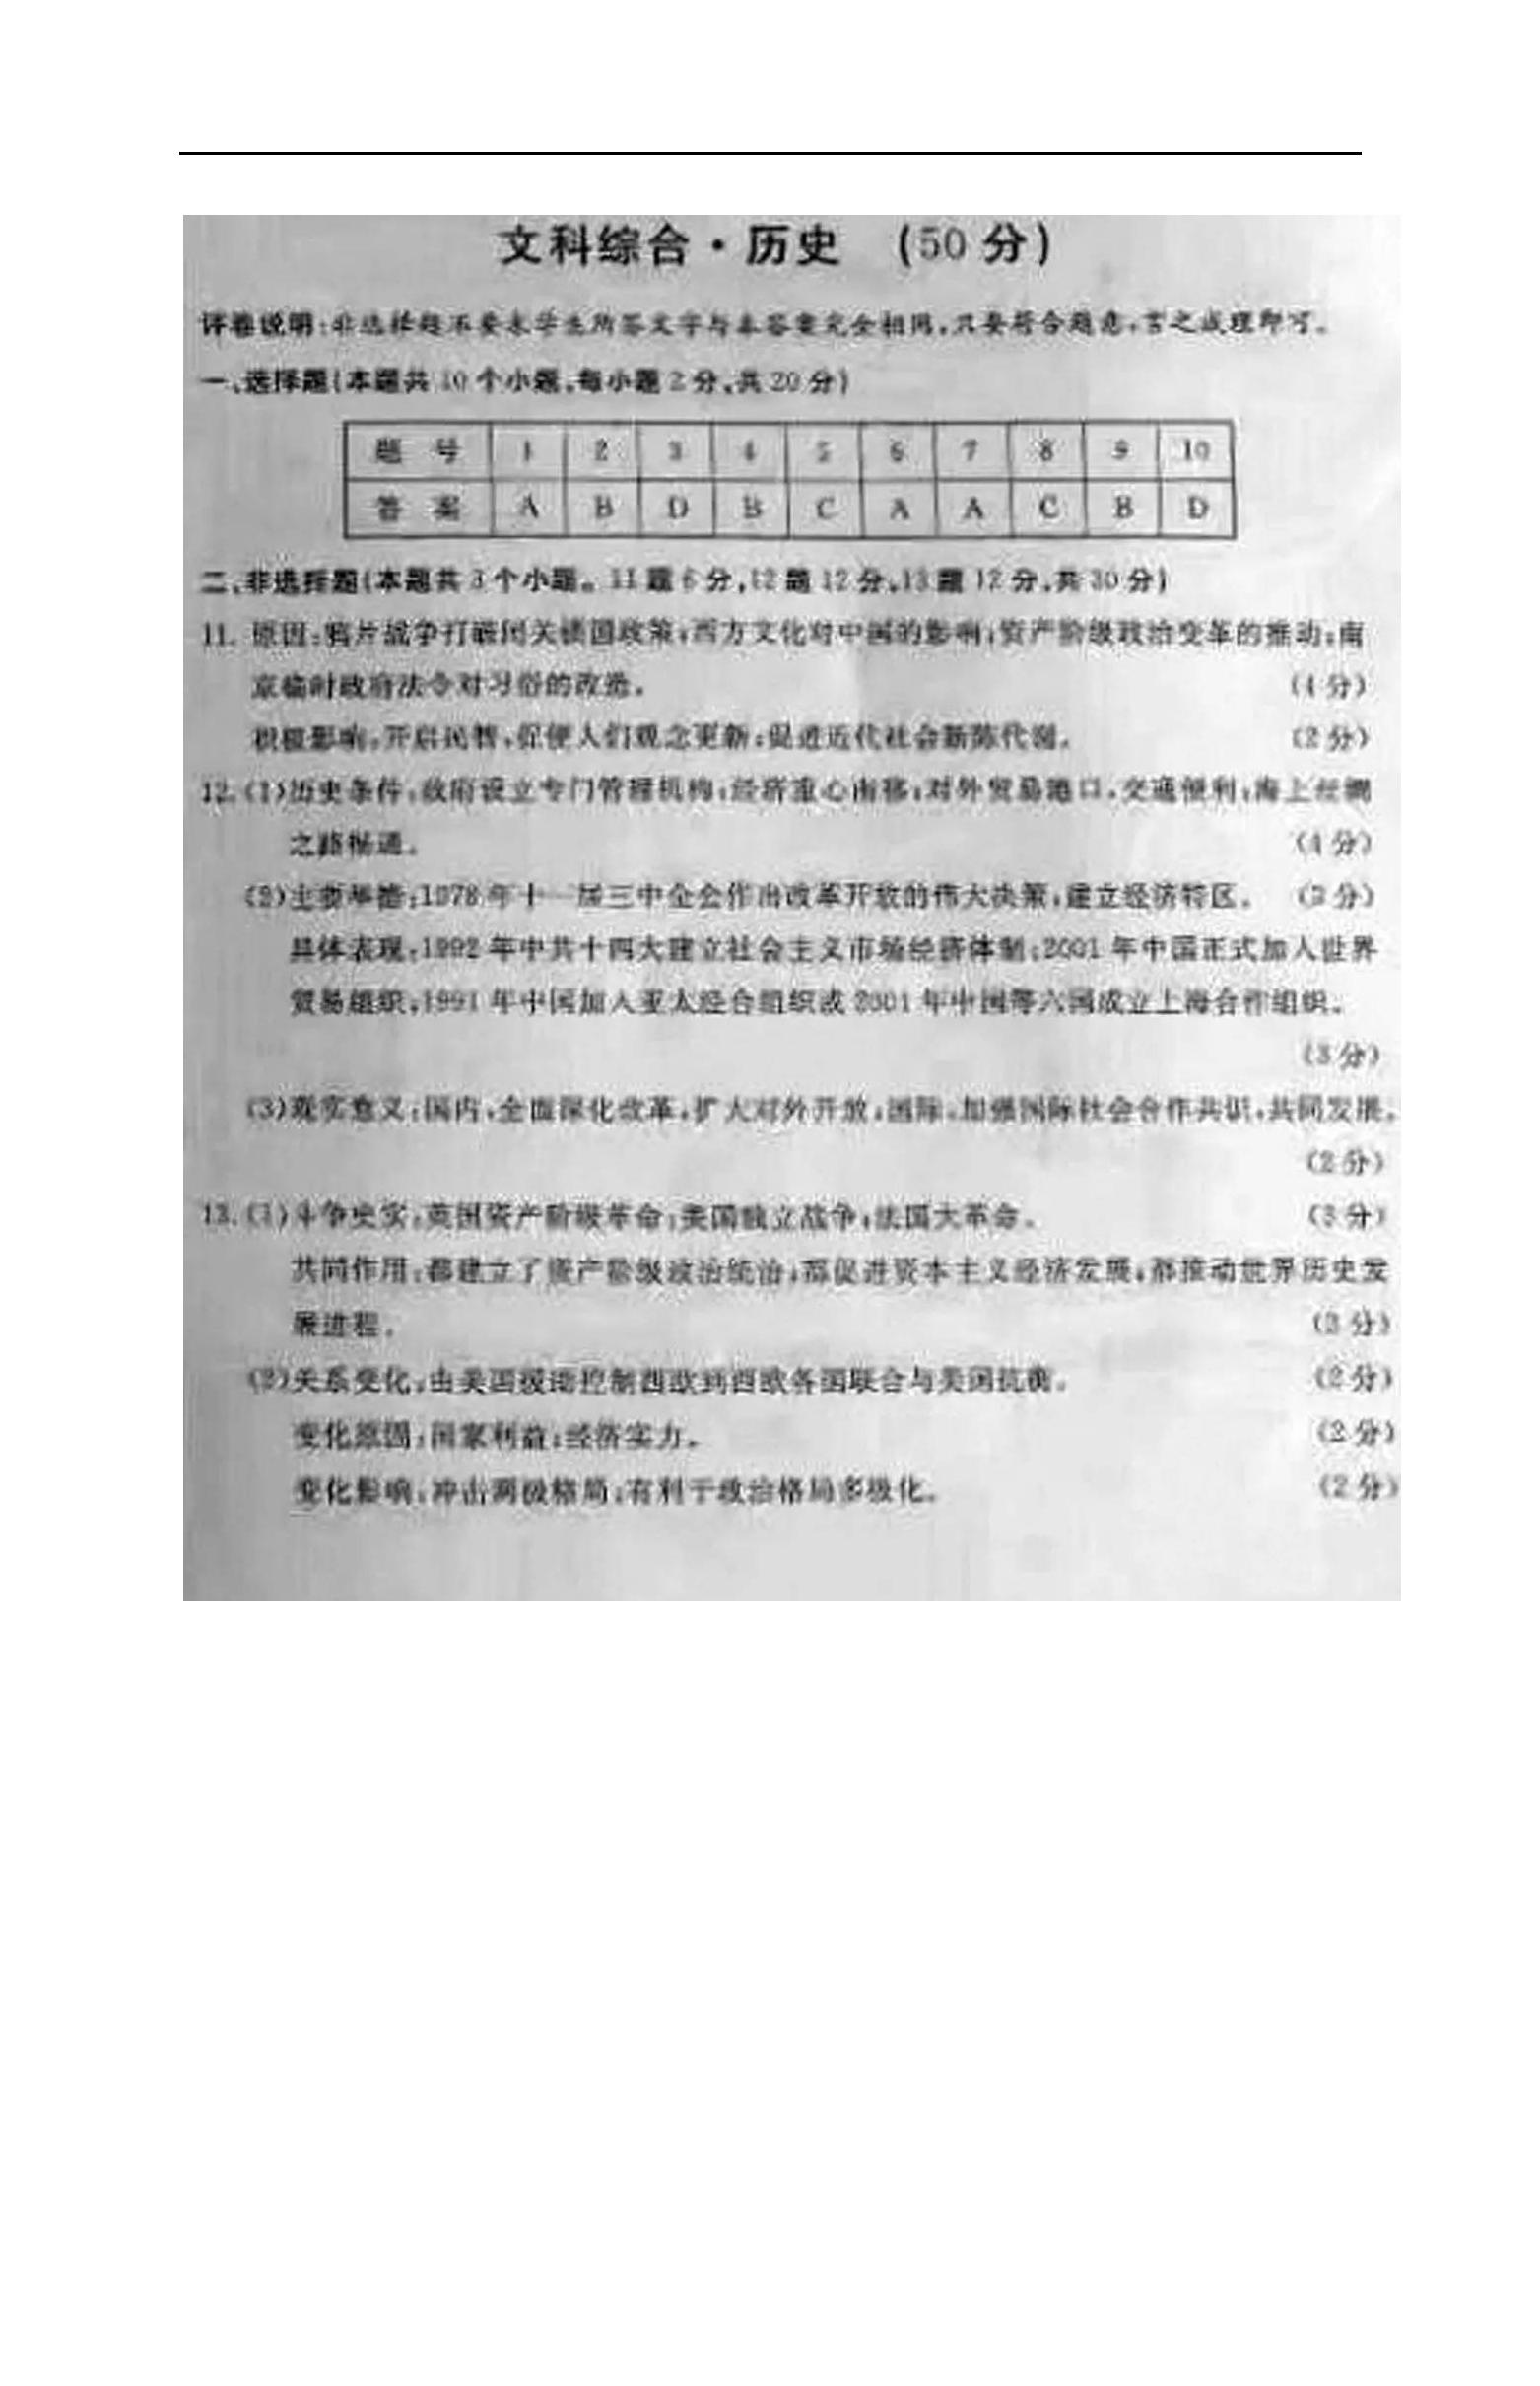 2017年内蒙古包头历史中考真题图1